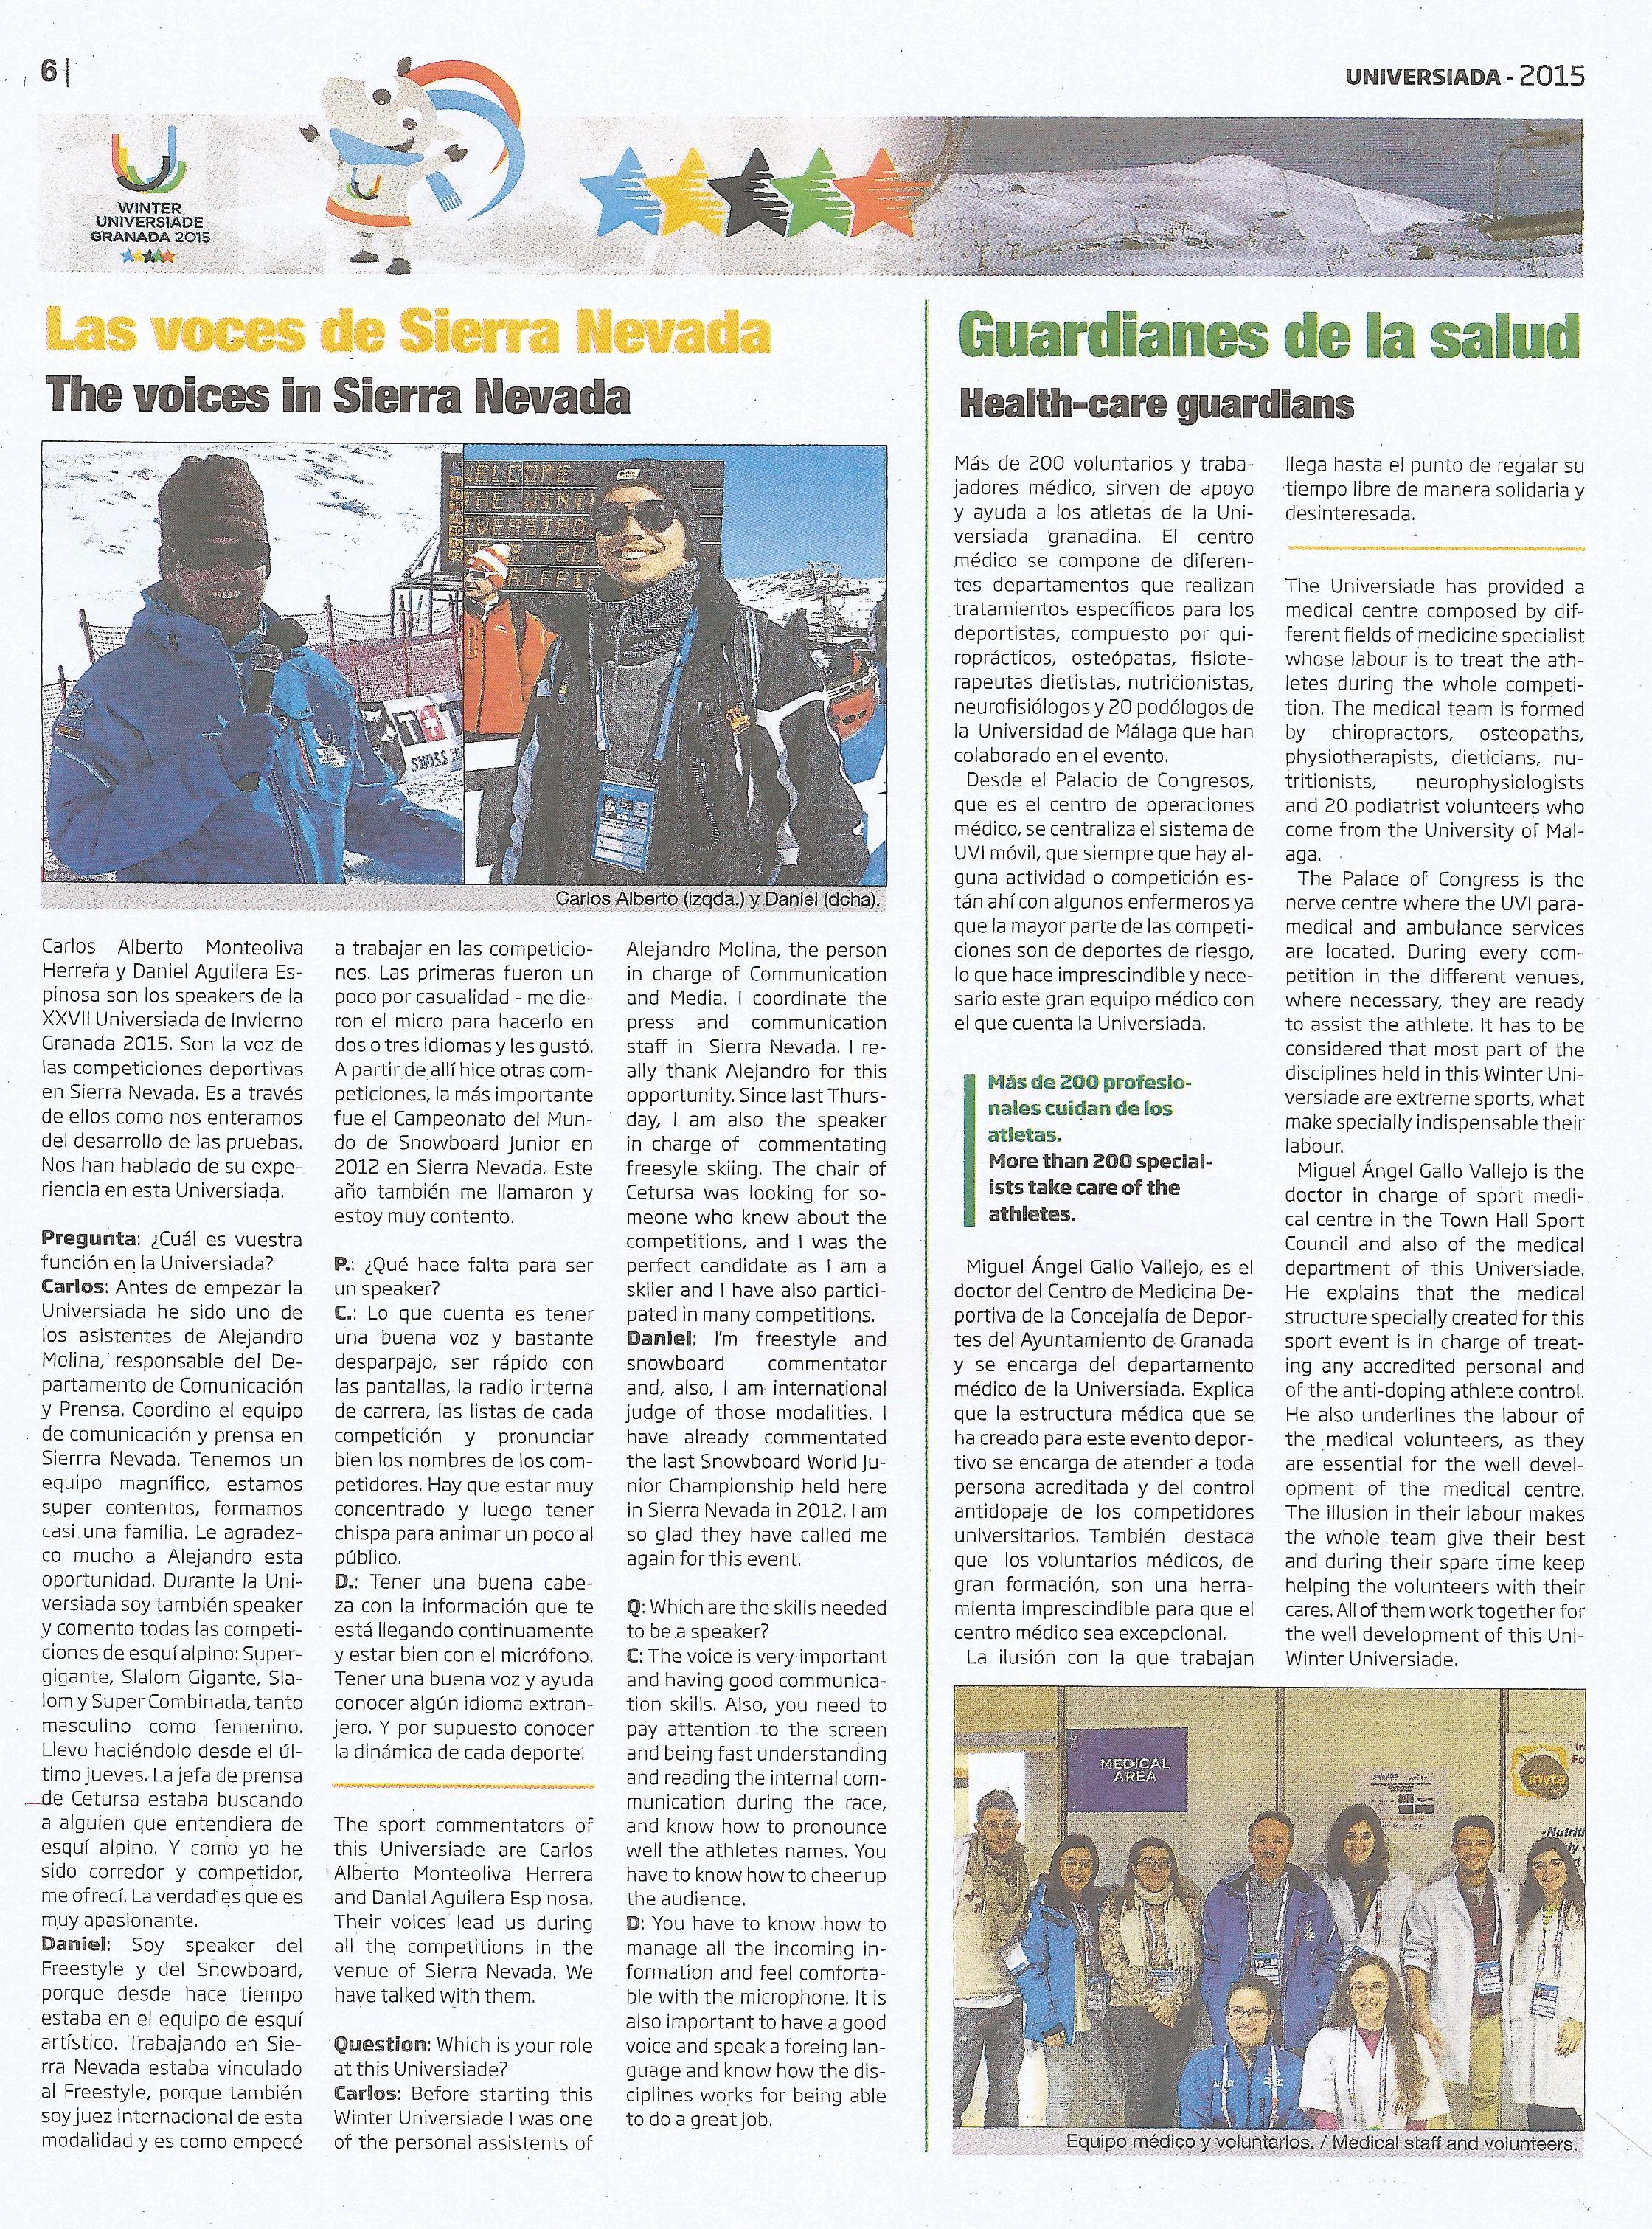 Diario Oficial de la  Universiada de Invierno Granada 2015 14 febrero 2015